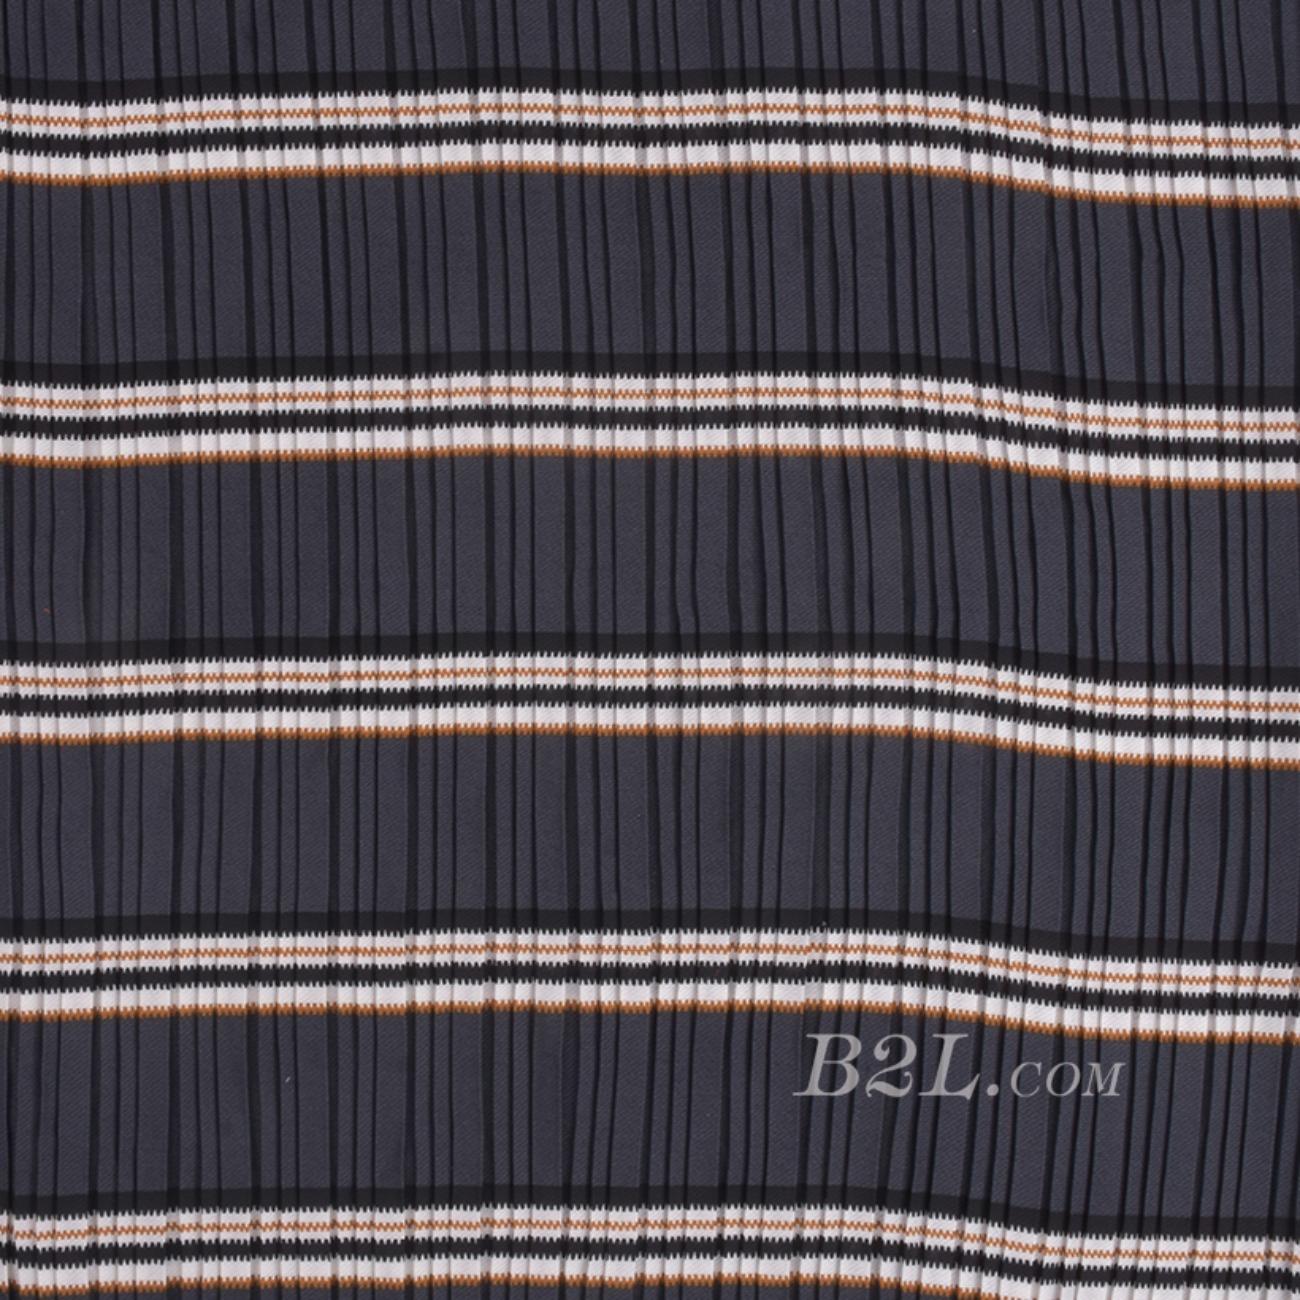 印花 梭织 染色 低弹 压皱 柔软 春秋 连衣裙 衬衫 女装 81019-31